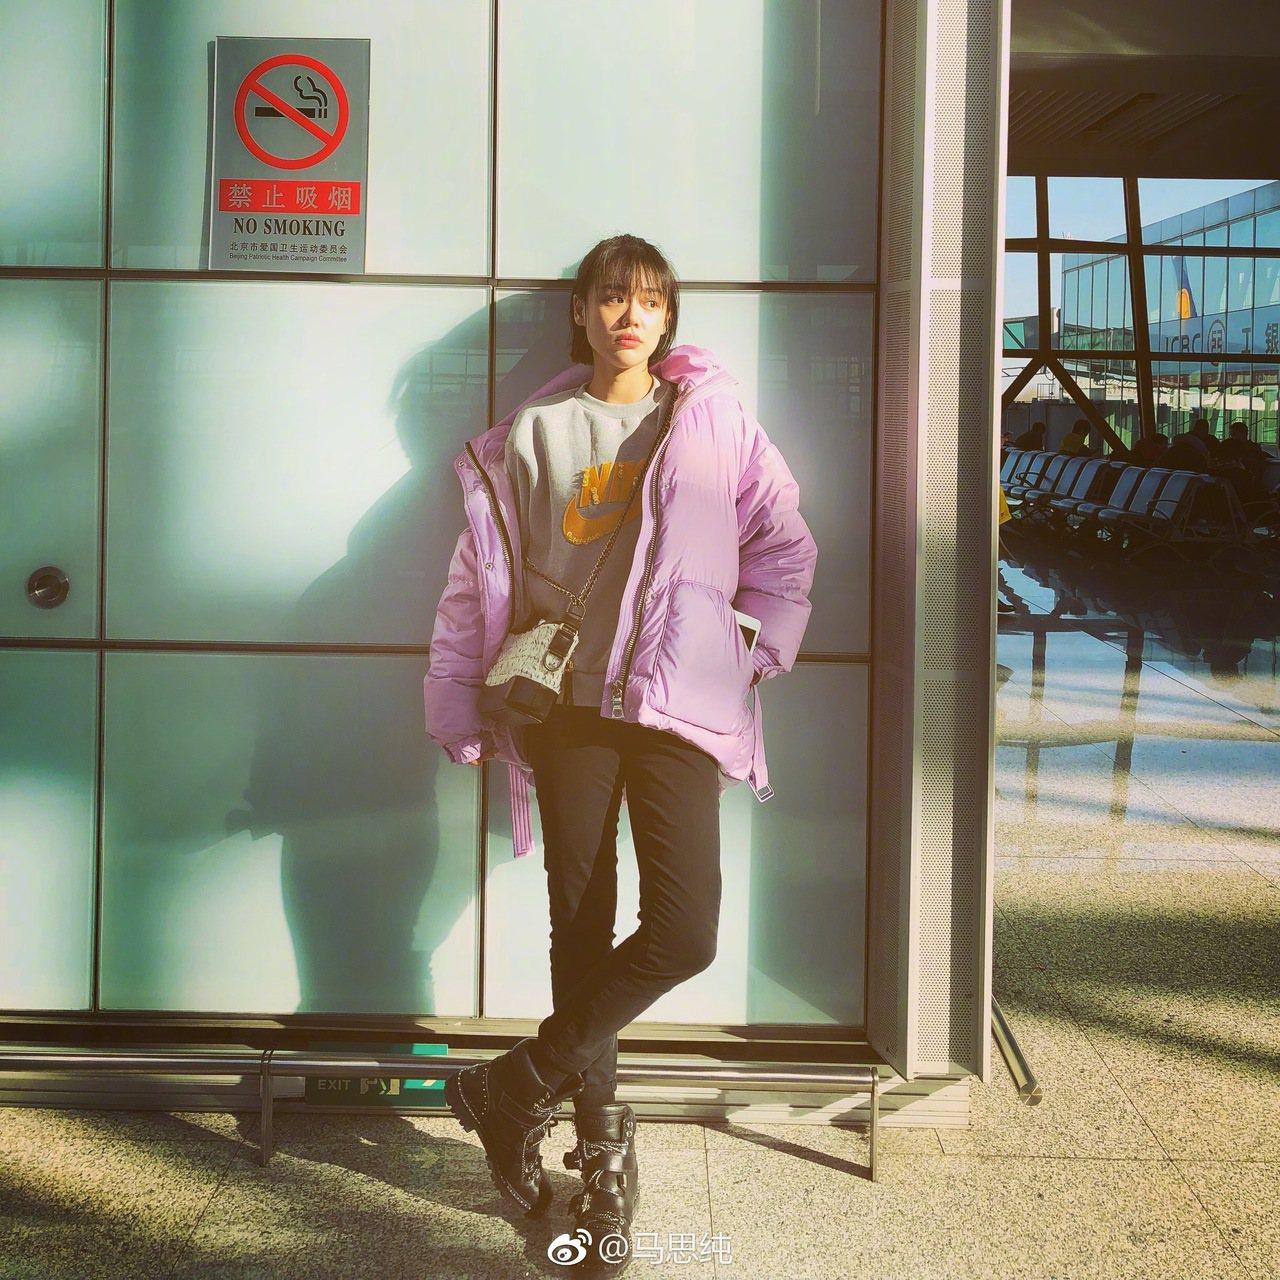 金馬影后馬思純身穿淡紫色羽絨衣現身機場,反應了年度代表色在造型上的運用。圖/摘自...